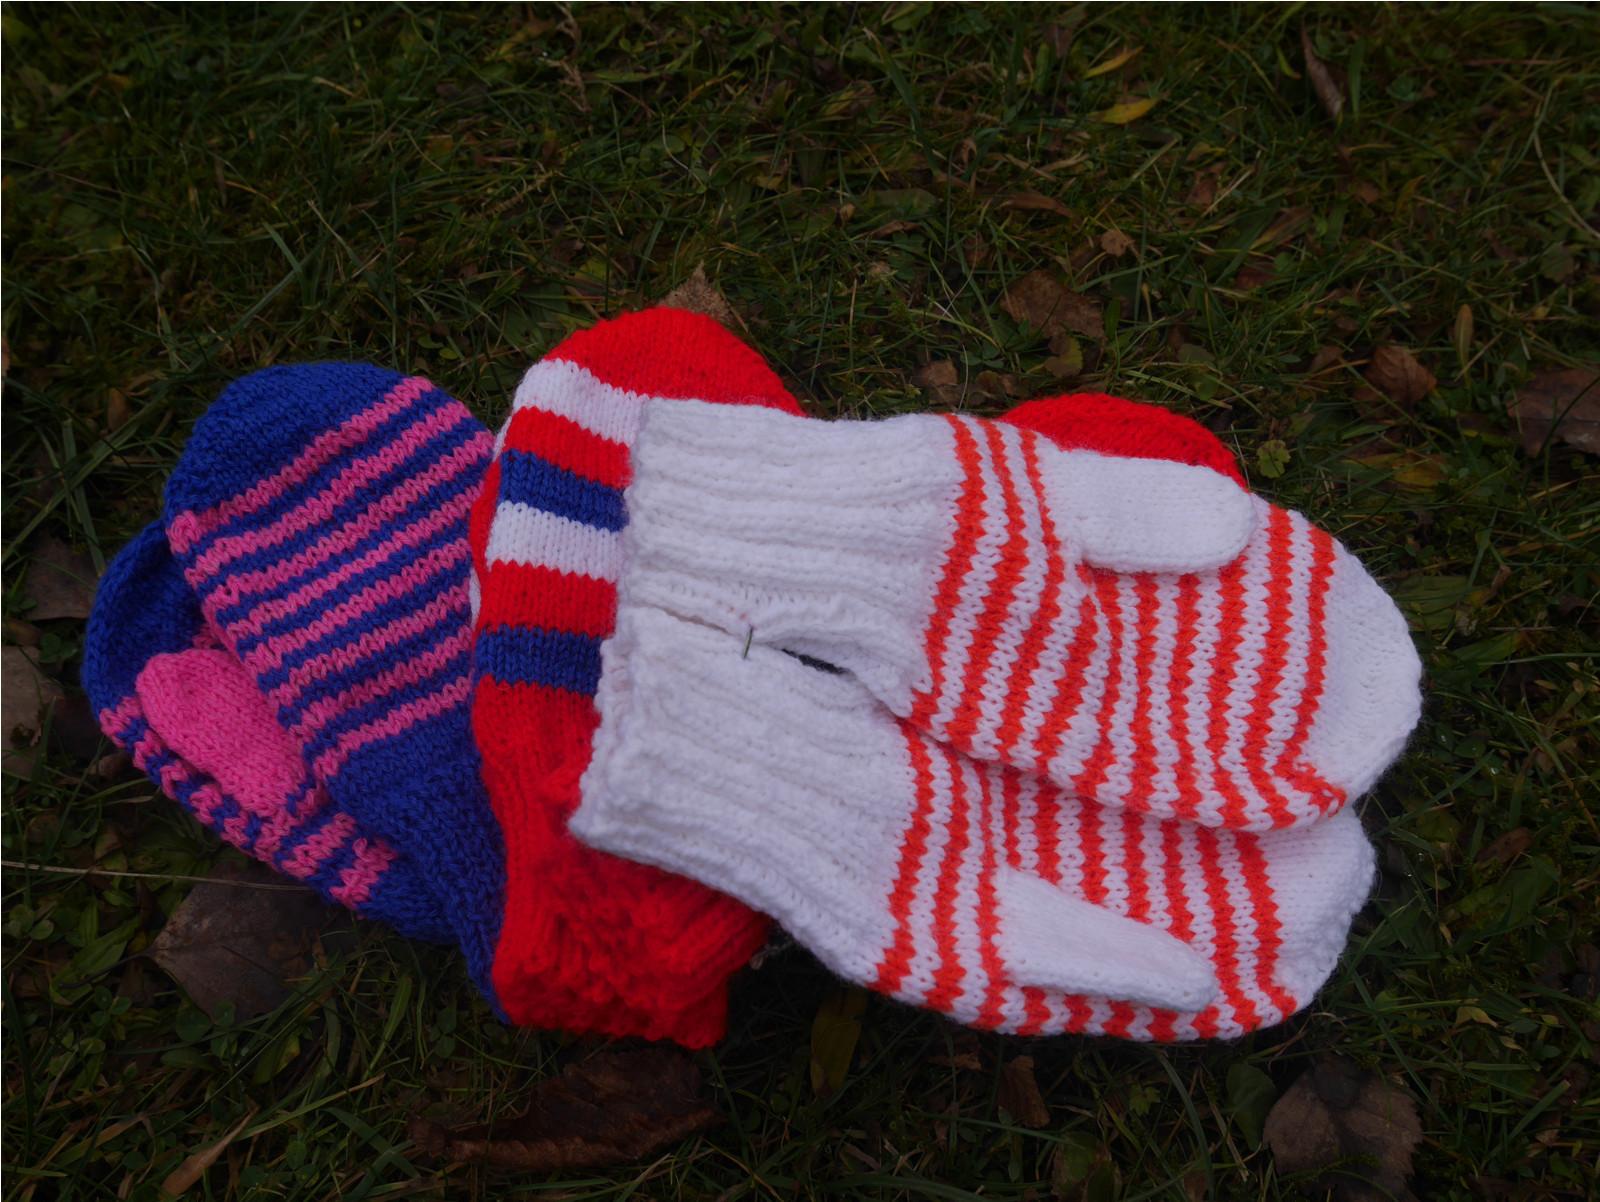 79382aed20a pletené rukavice pro děti   Zboží prodejce MENS SANA o.s.